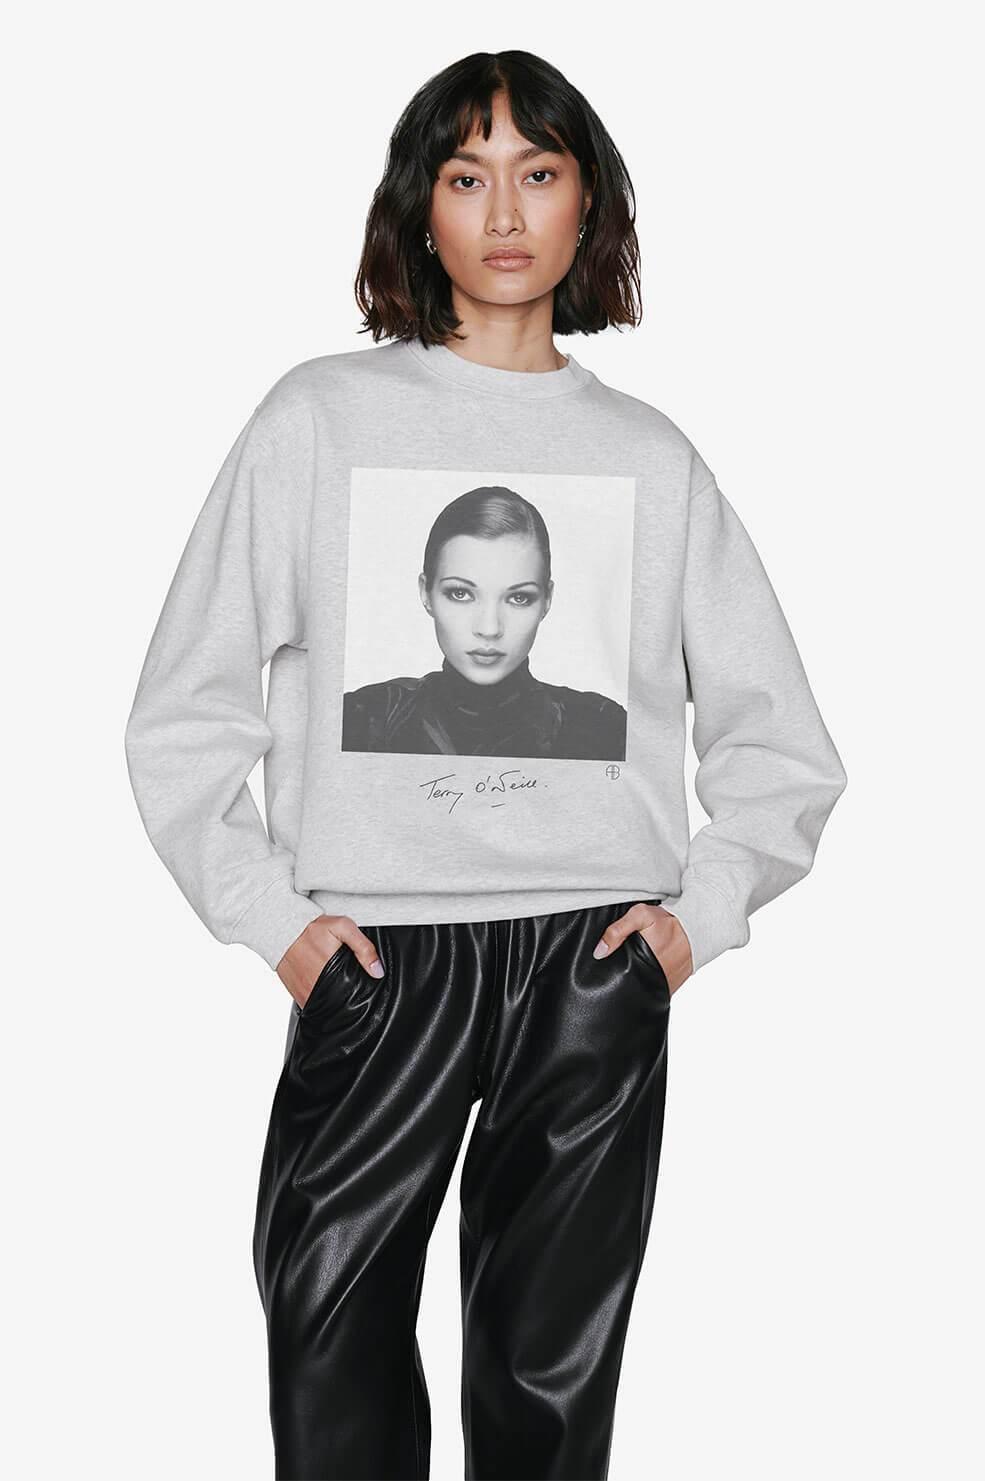 Ramona Sweatshirt AB X To Kate Moss